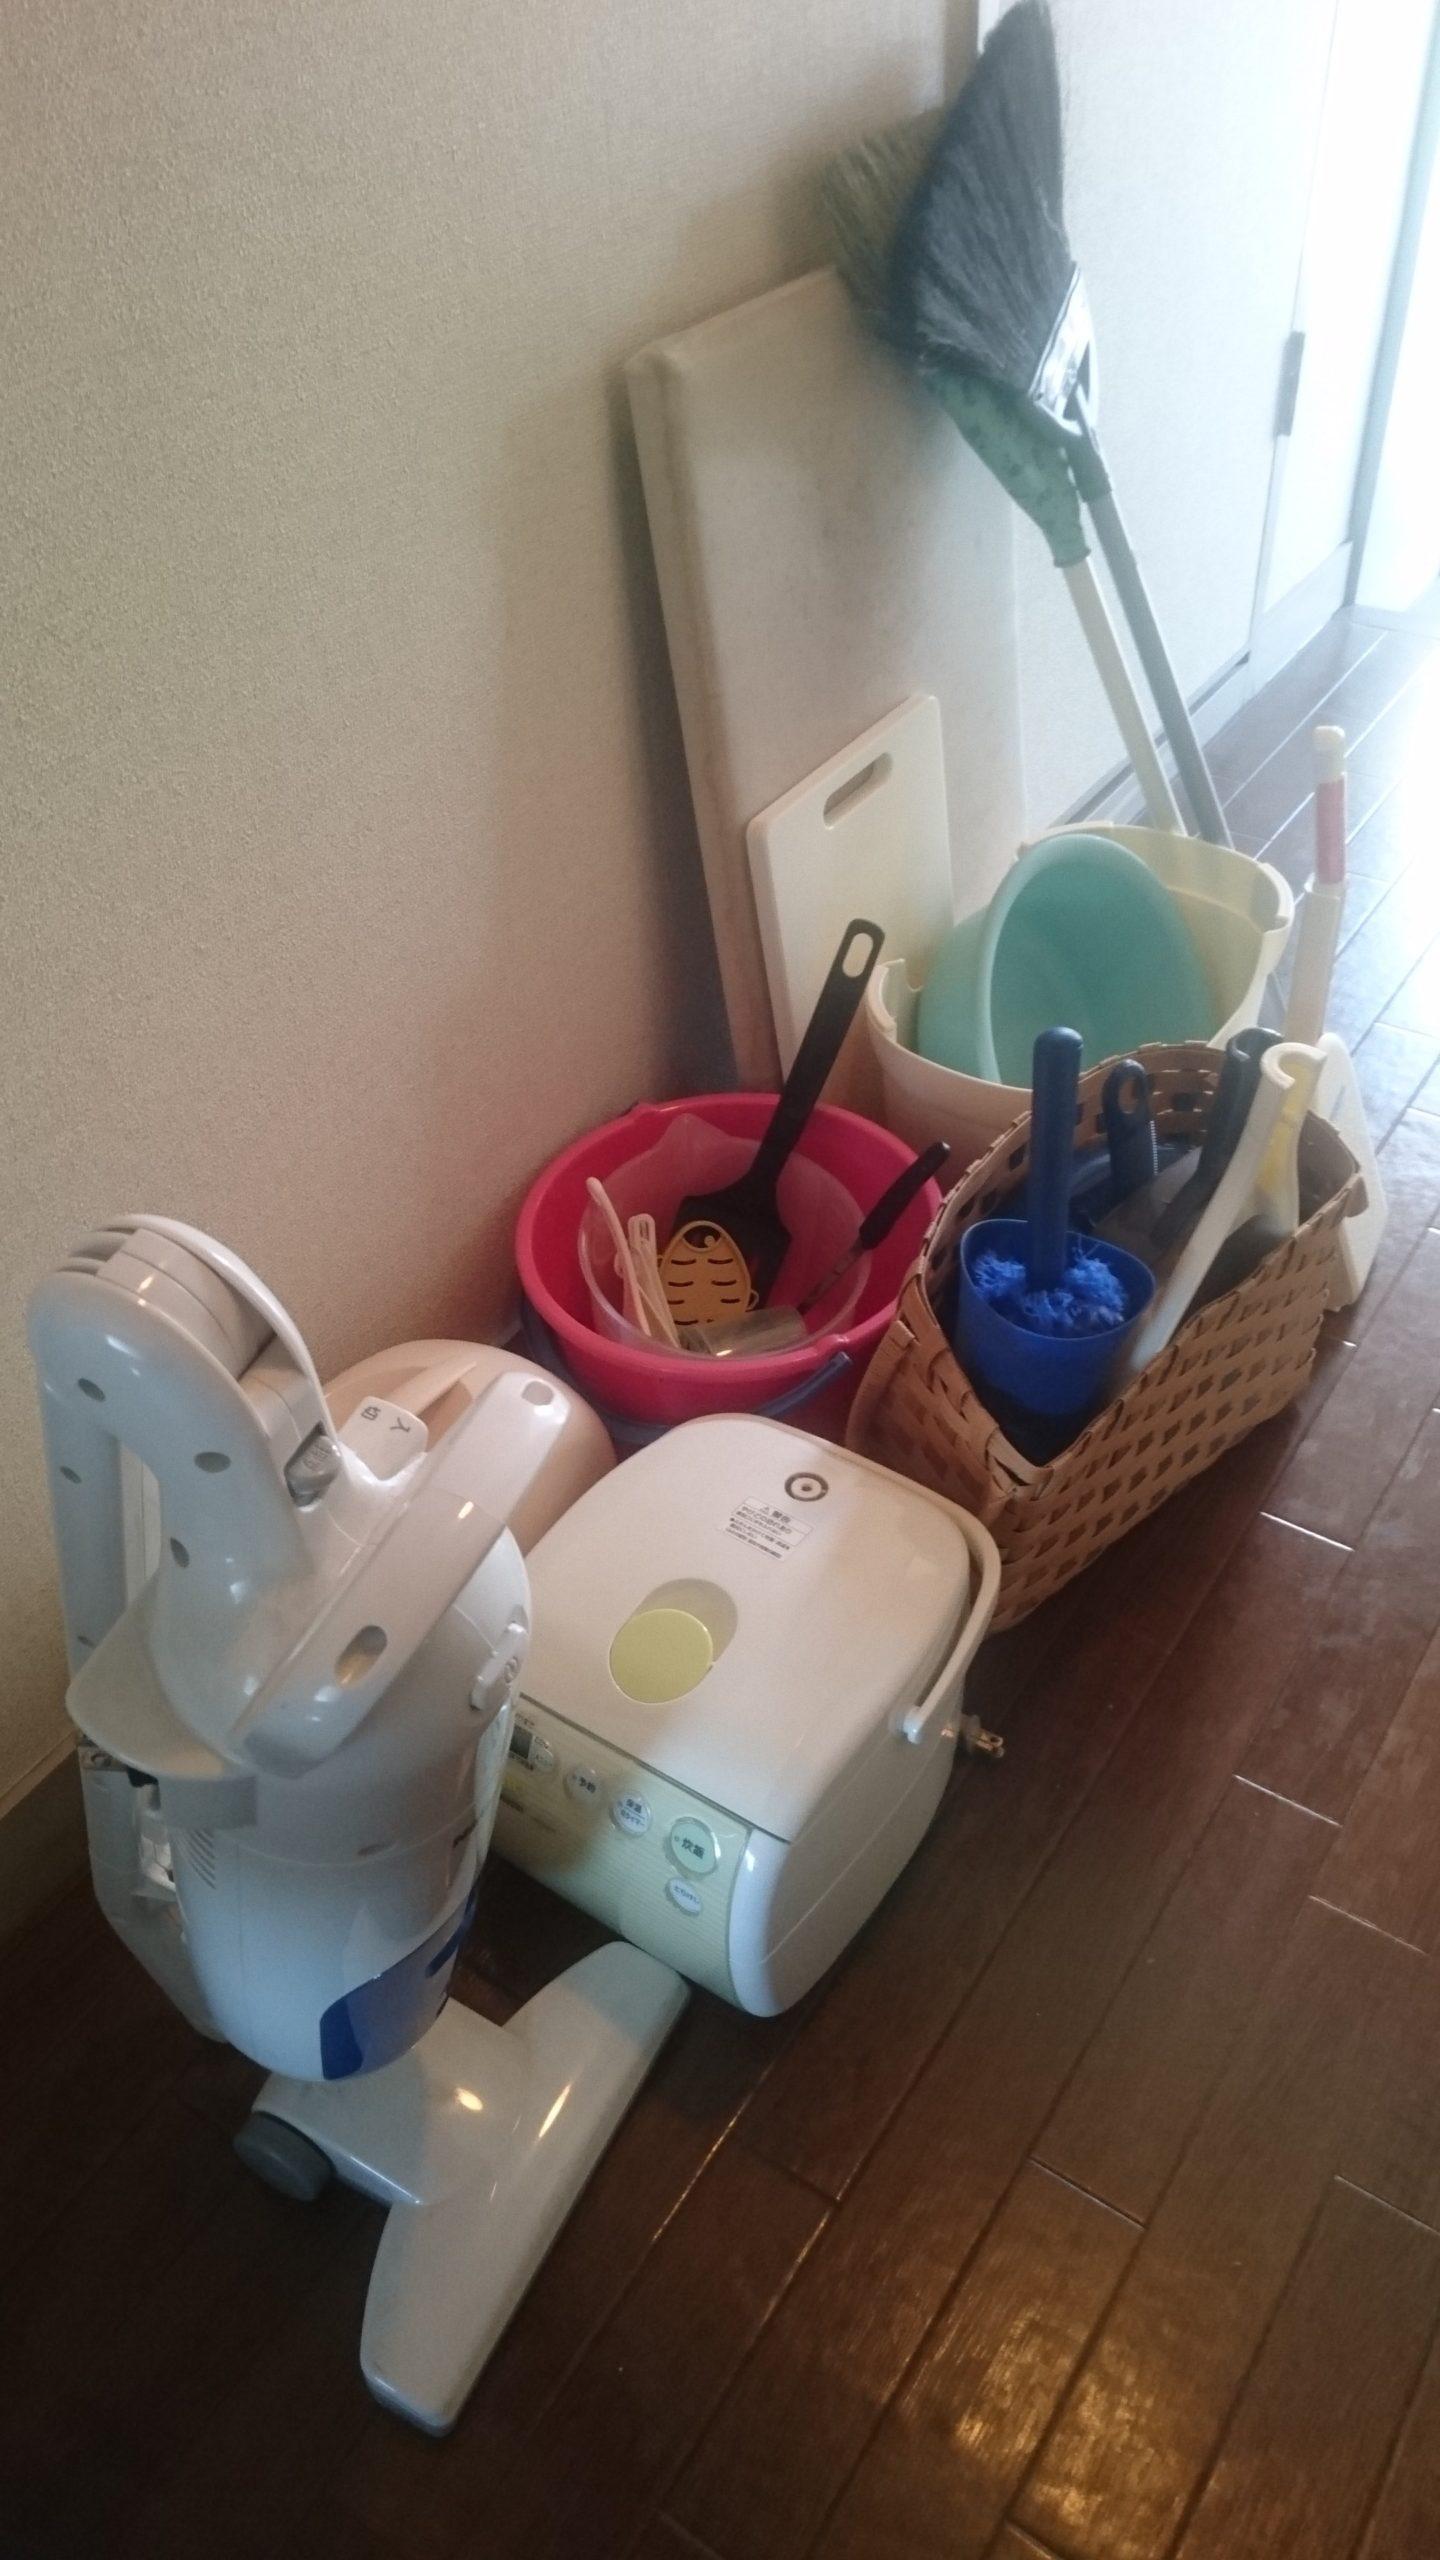 【愛知県名古屋市瑞穂区】炊飯器やキッチン用品などの回収